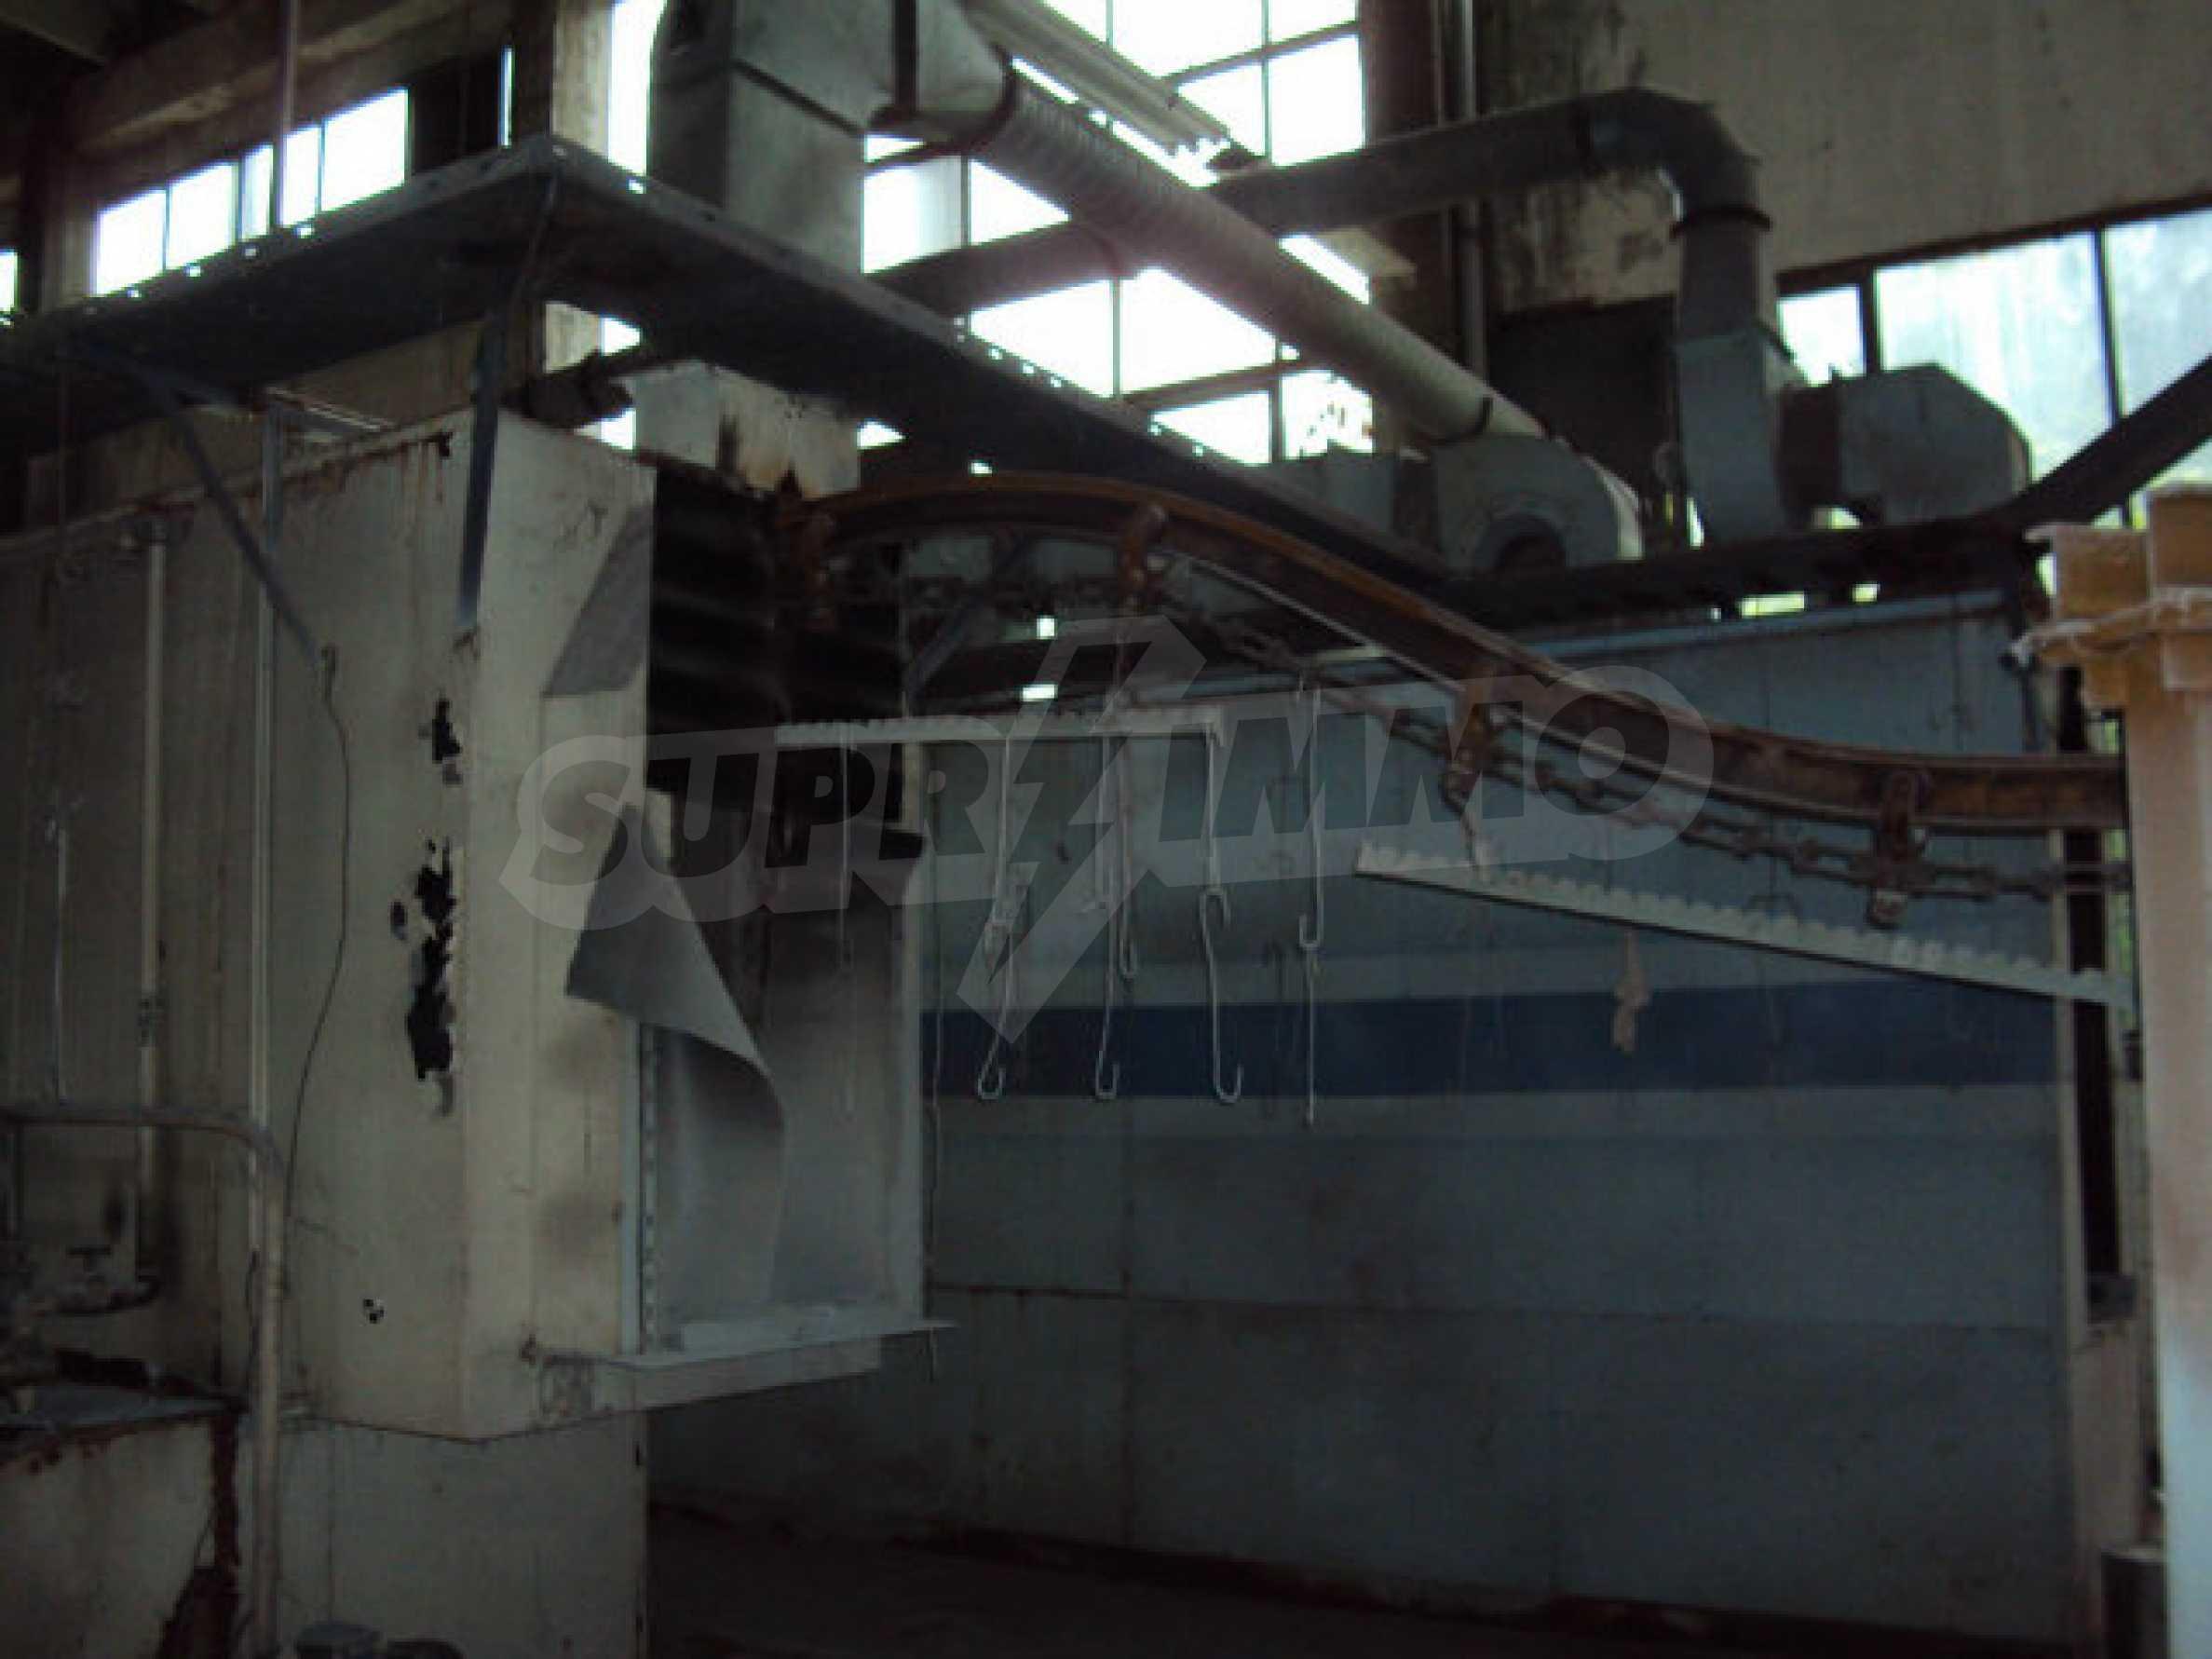 Factory for metal parts in Veliko Tarnovo 60